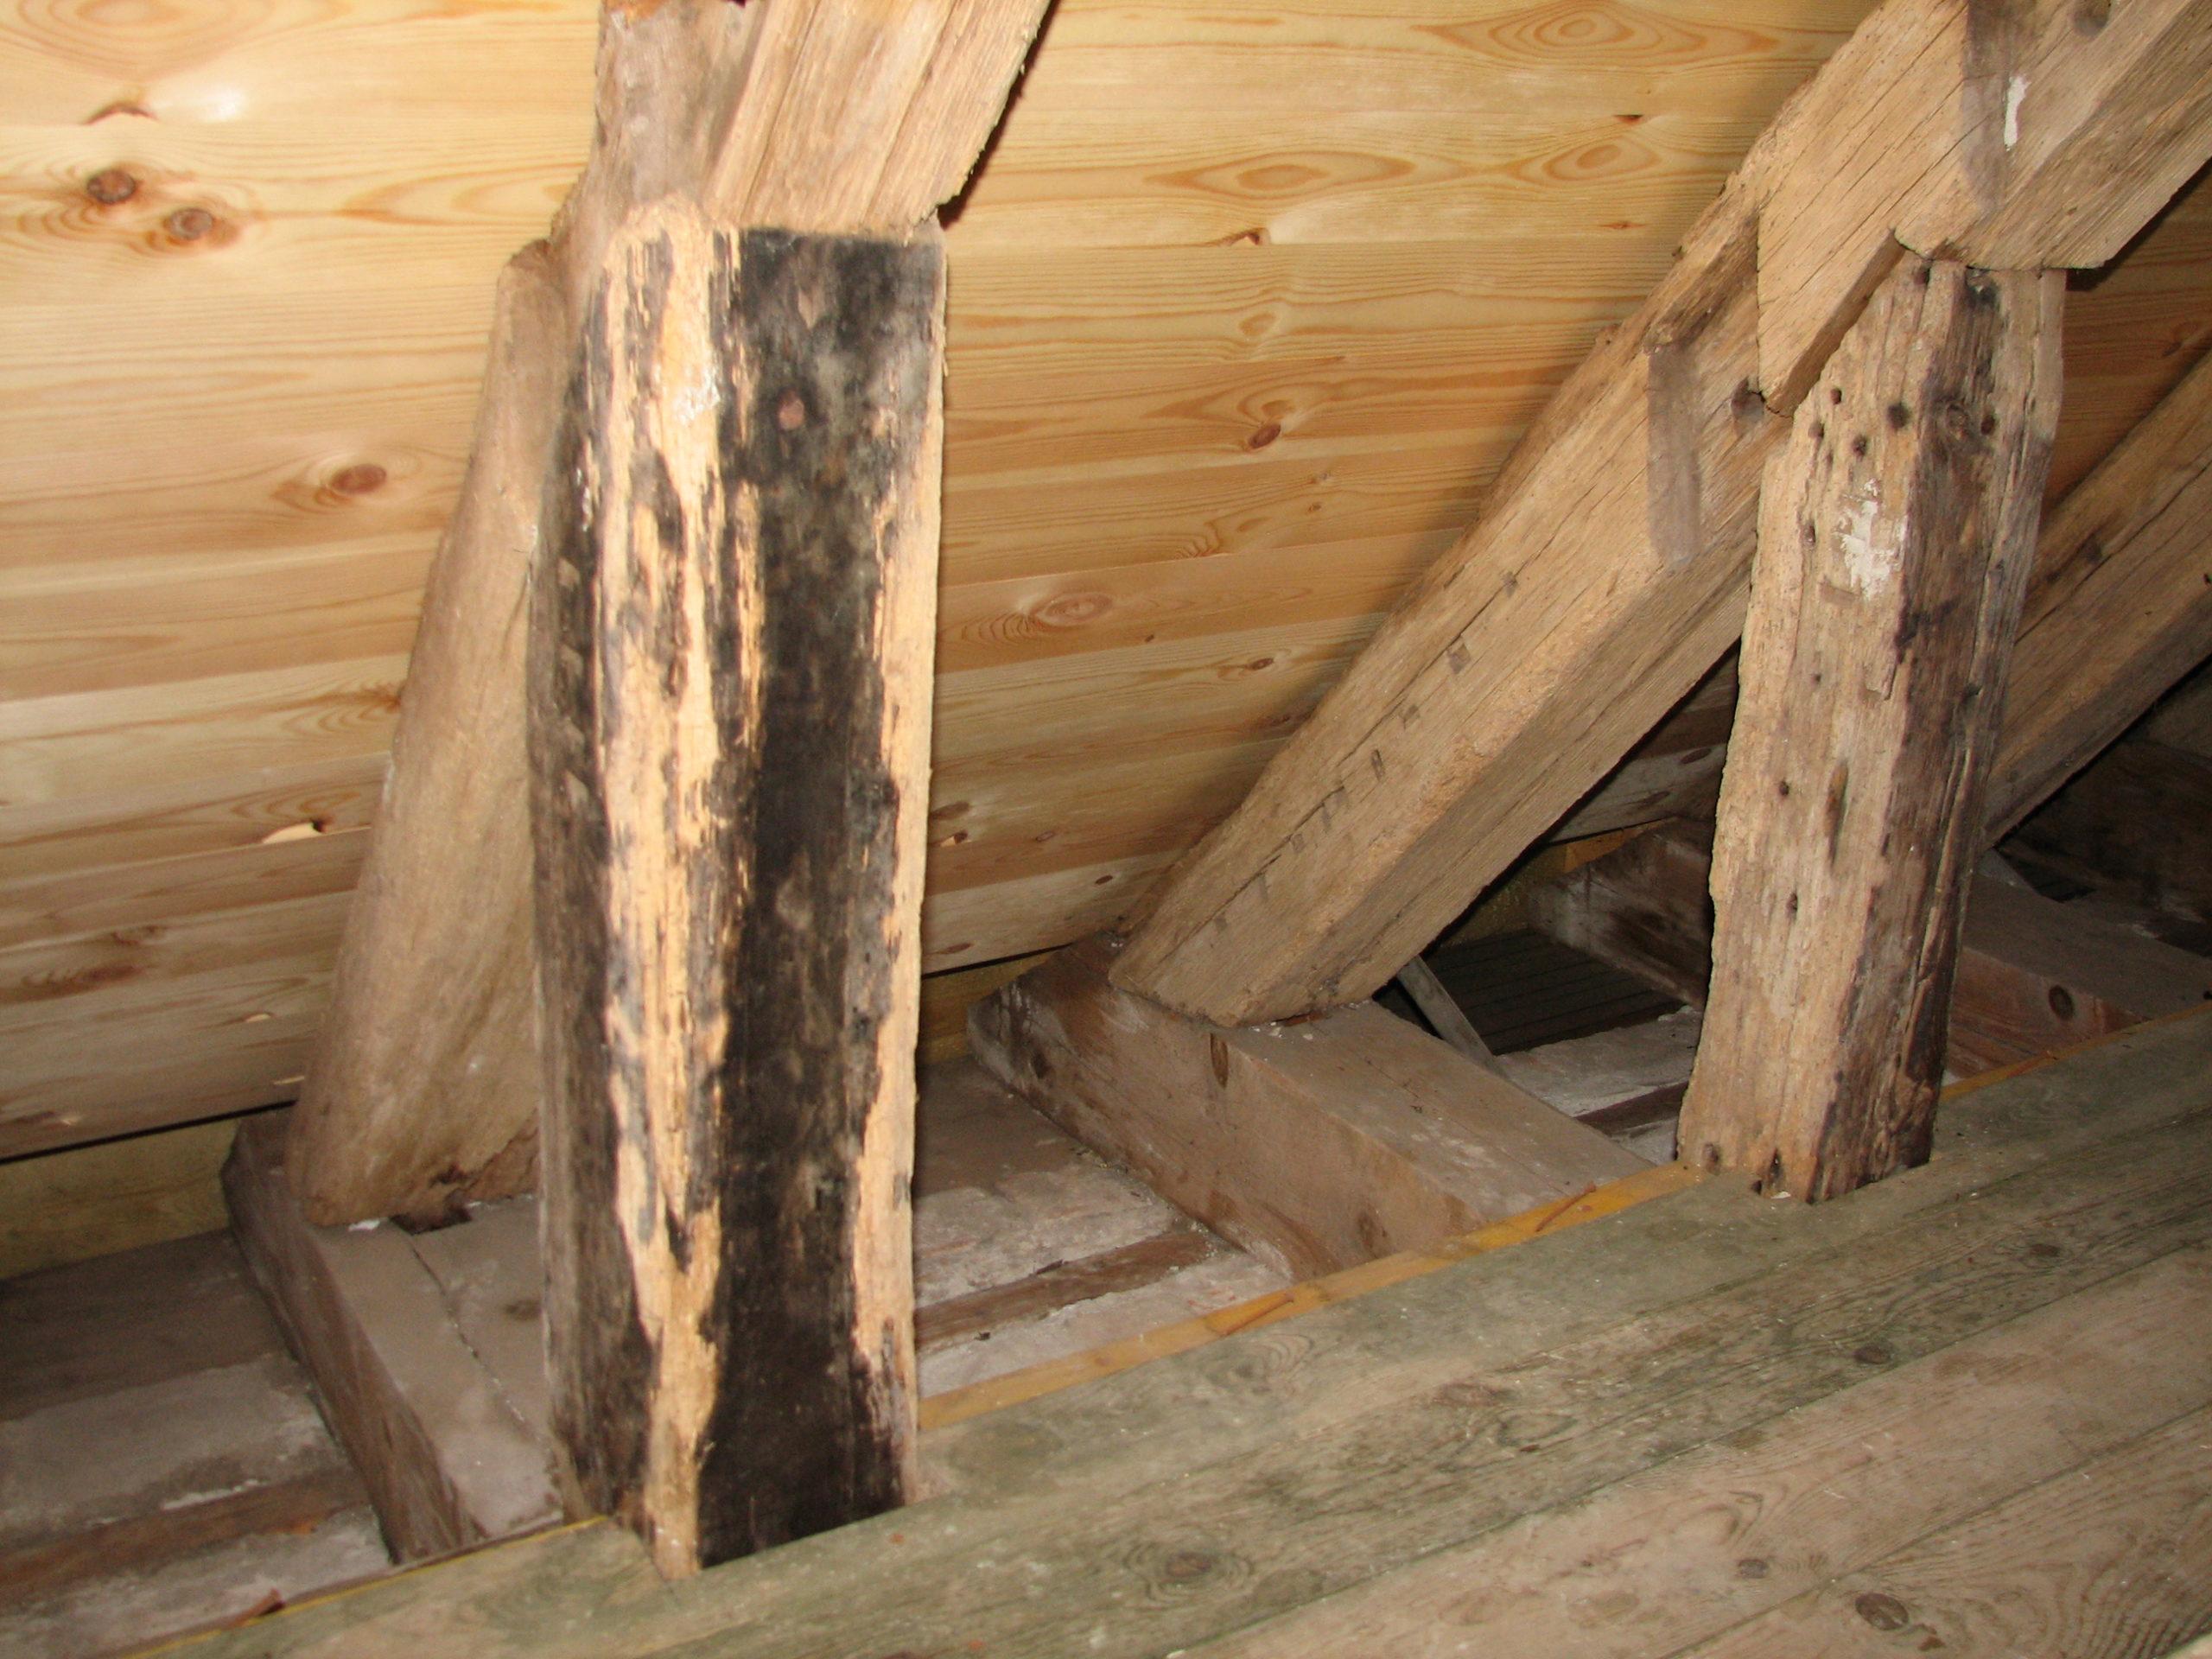 Spor efter Jens Langkniv på loftet i Ørum Kirke